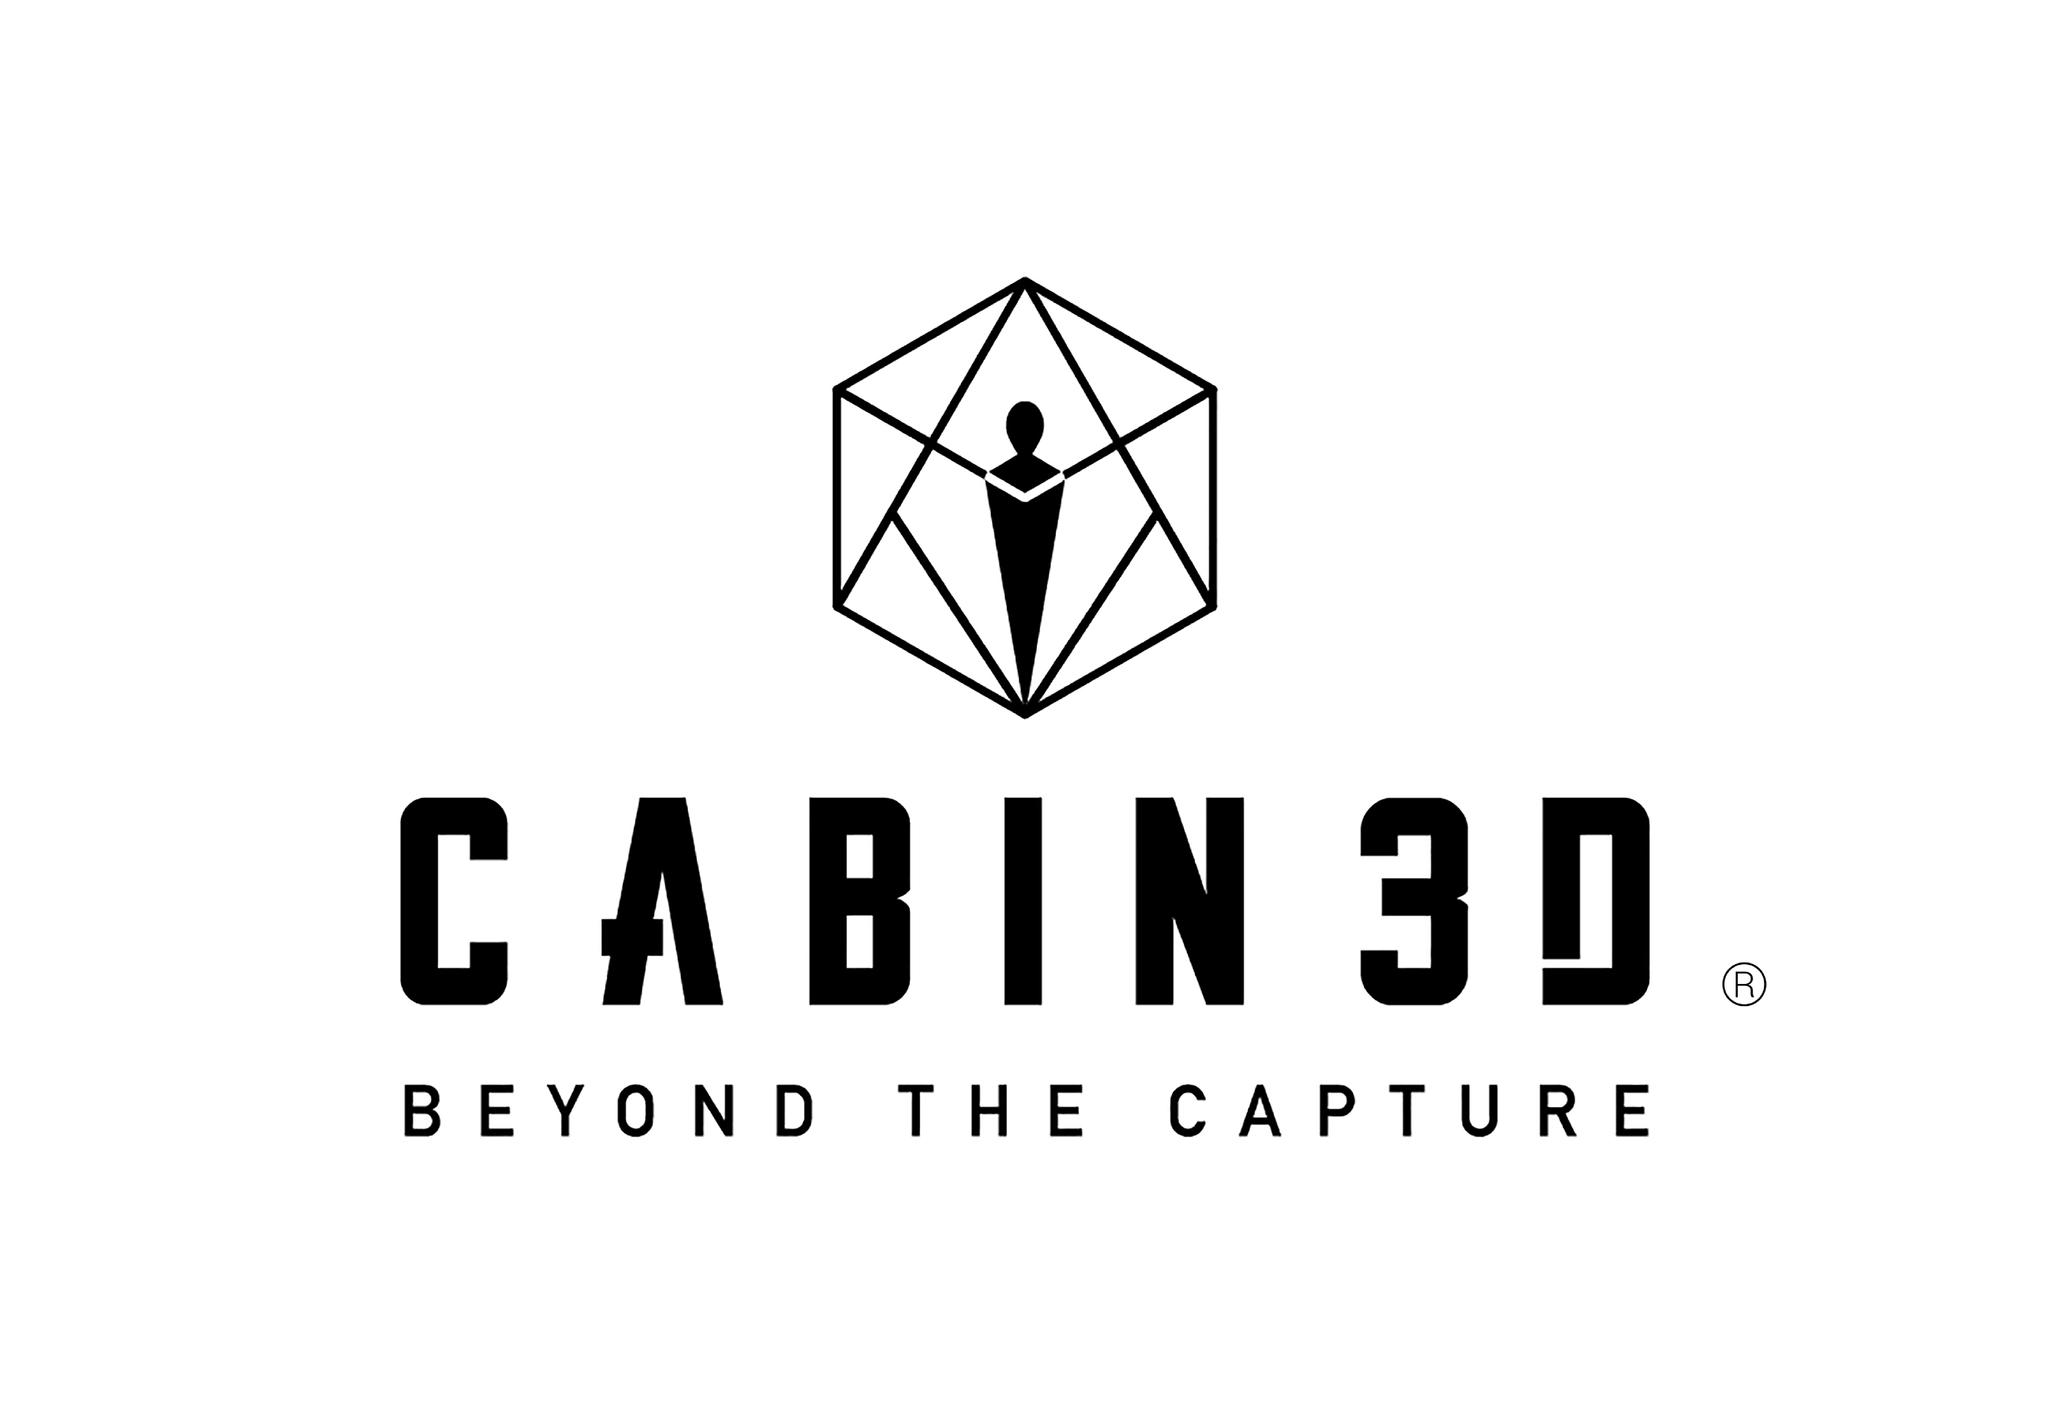 CABIN3D